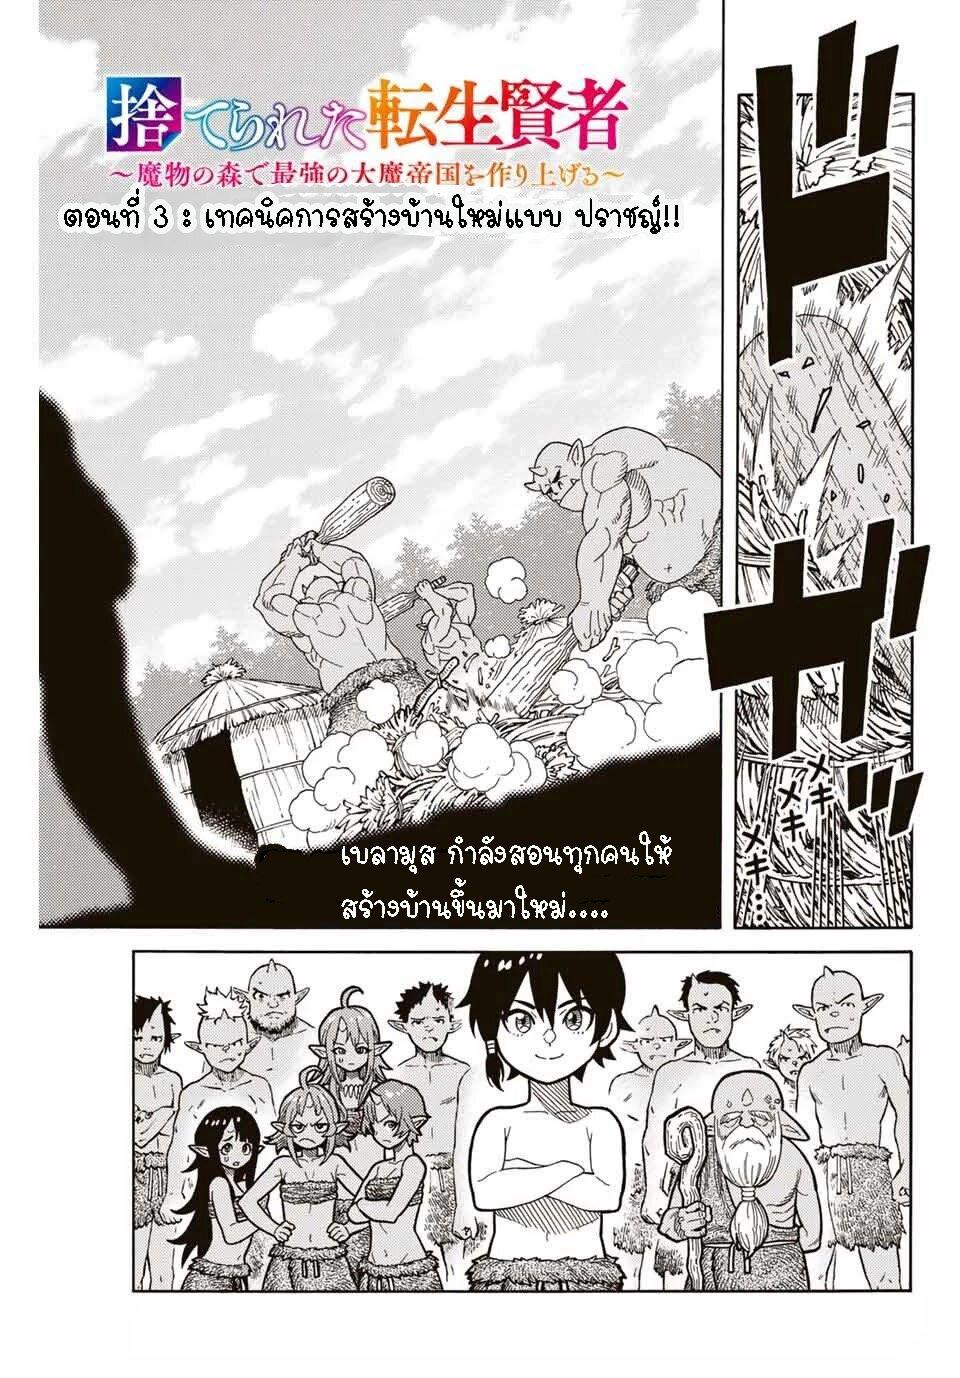 ปราชถูกลืมเกิดใหม่ ในป่ามอนฯ ตอนที่ 3